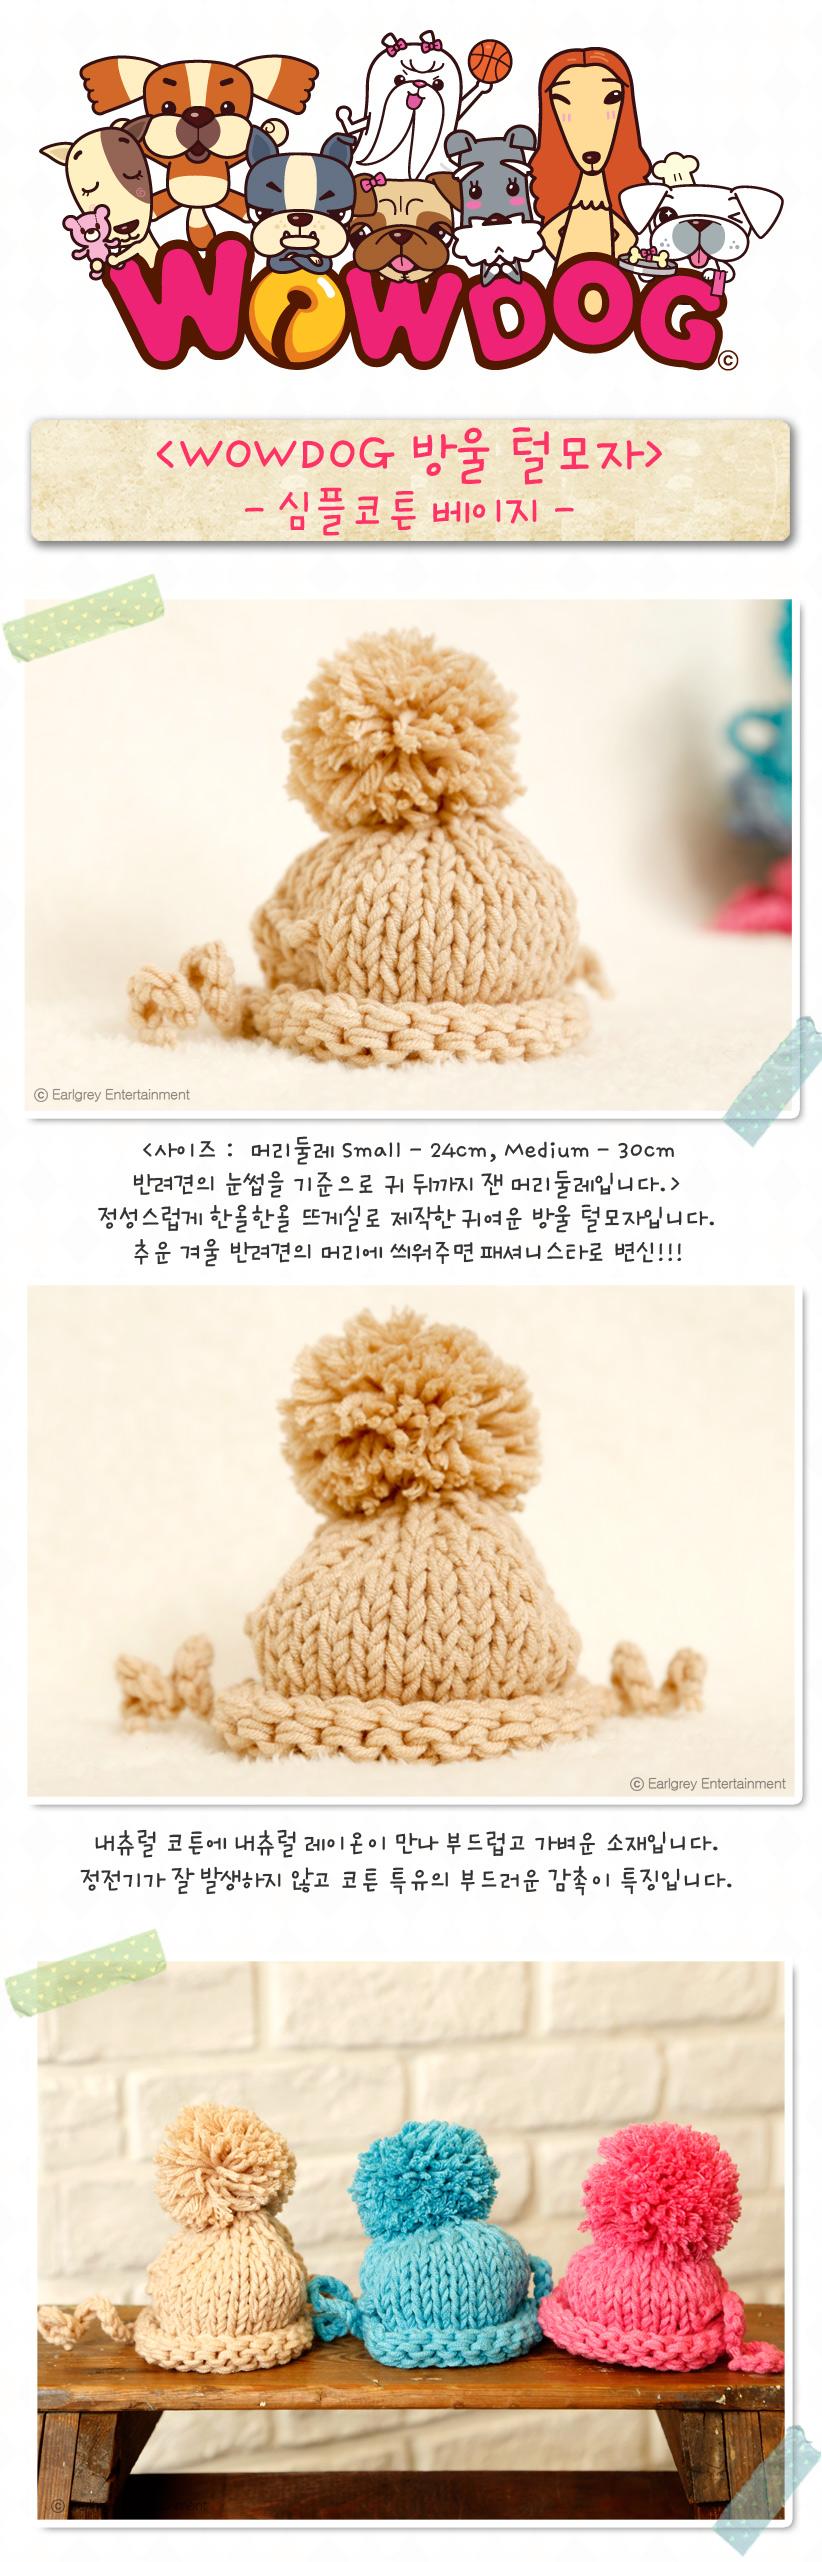 애견 방울 털모자-베이지 - 와우독&와우캣, 14,400원, 의류/액세서리, 액세서리